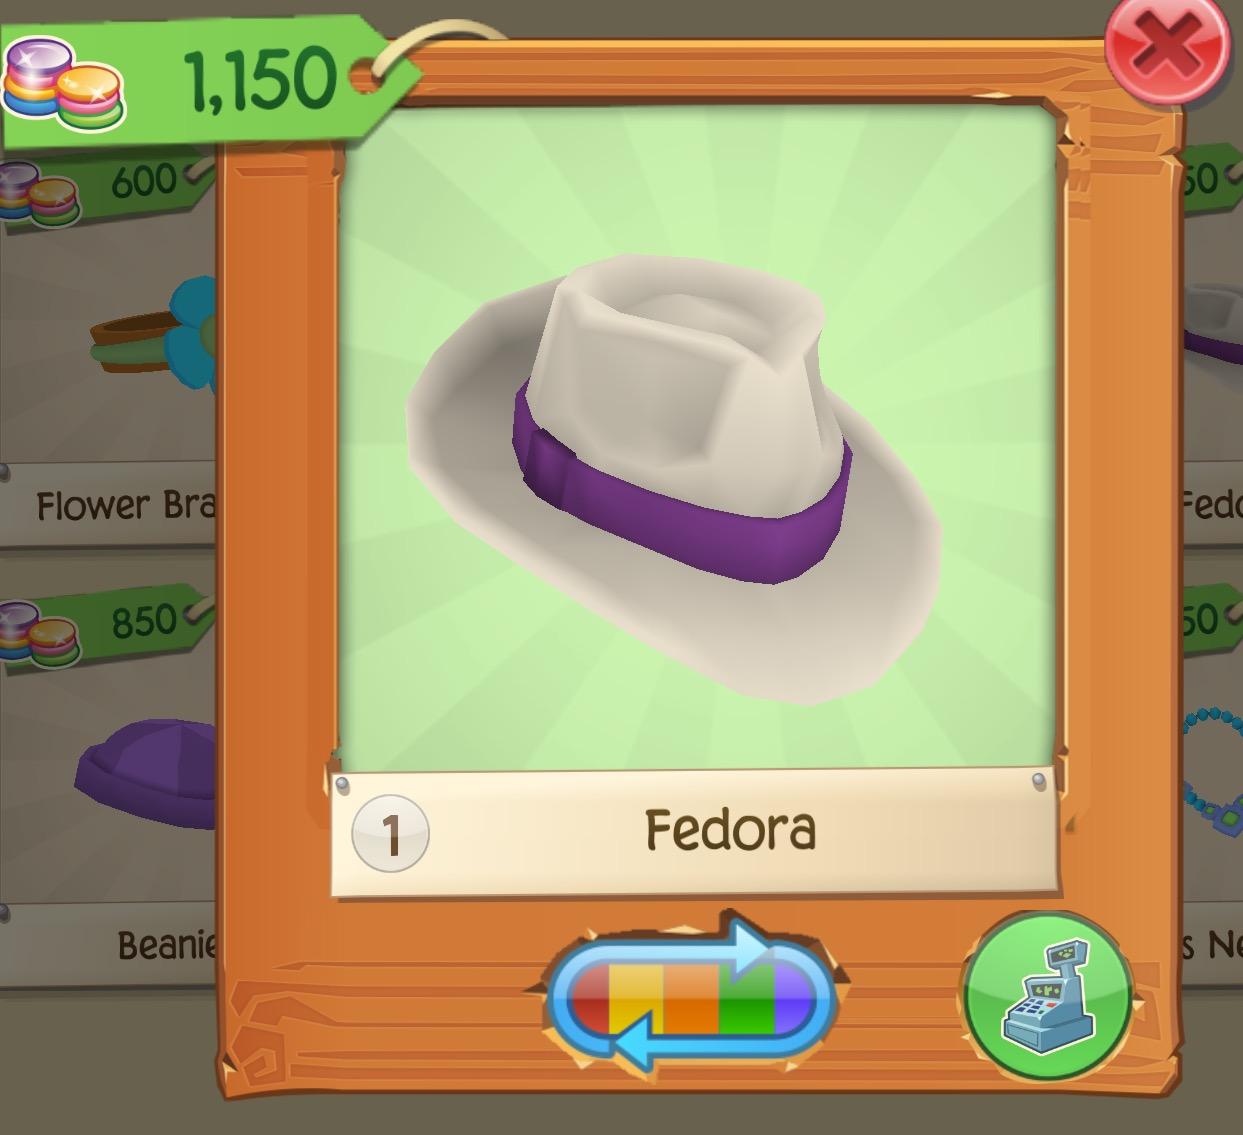 Fedora | Play Wild Wiki | FANDOM powered by Wikia